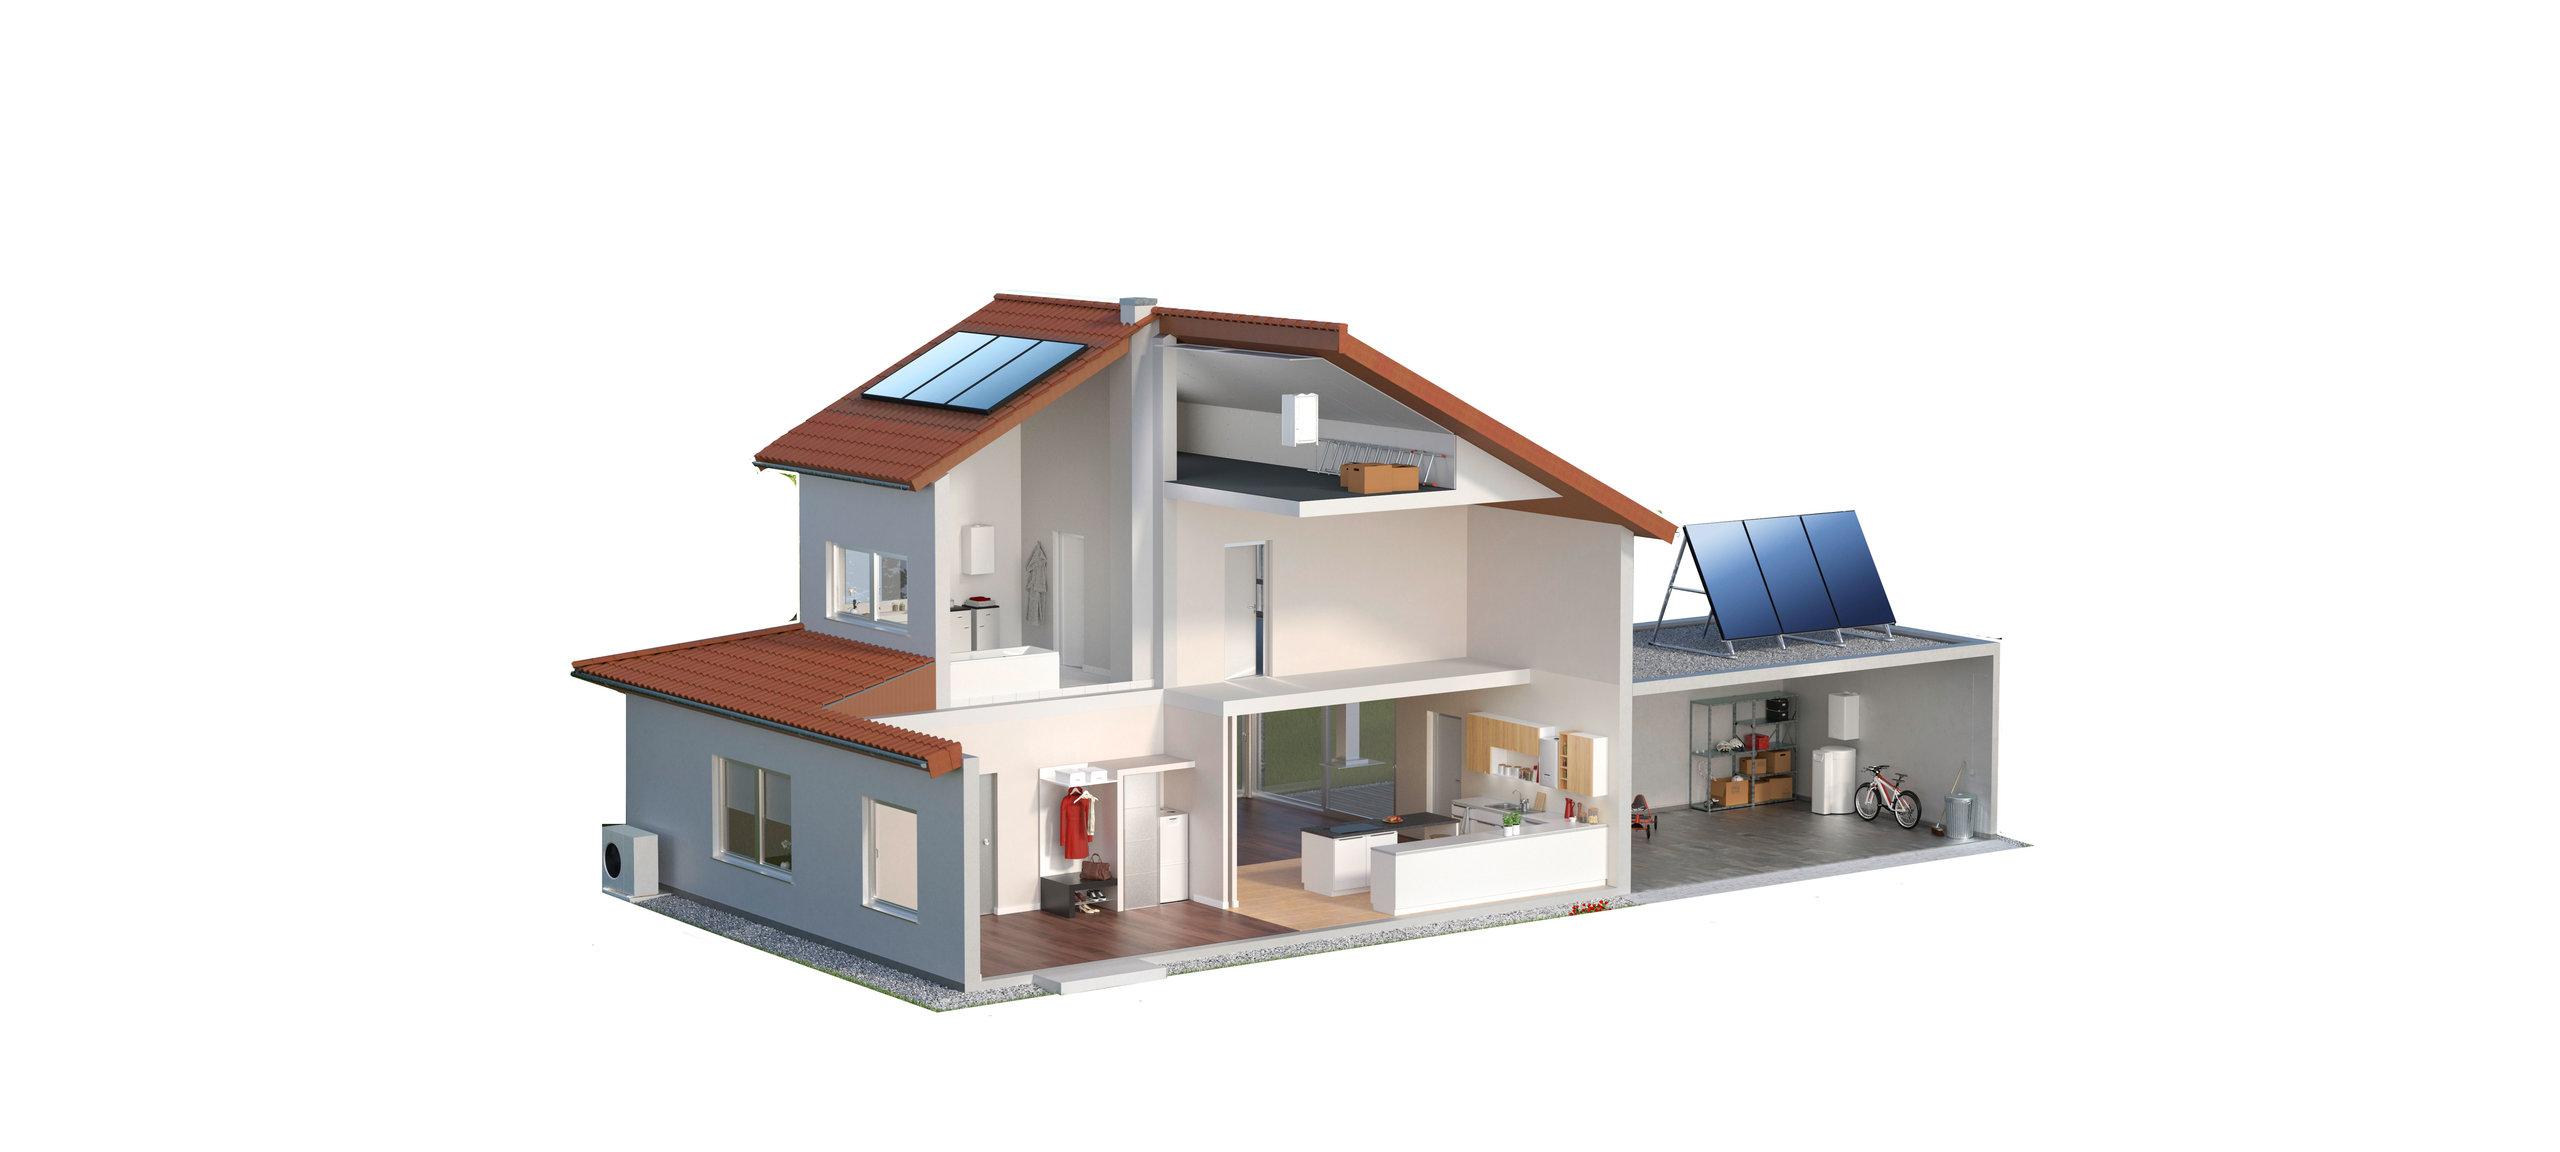 Climatización por bomba de calor alimentada por paneles solares